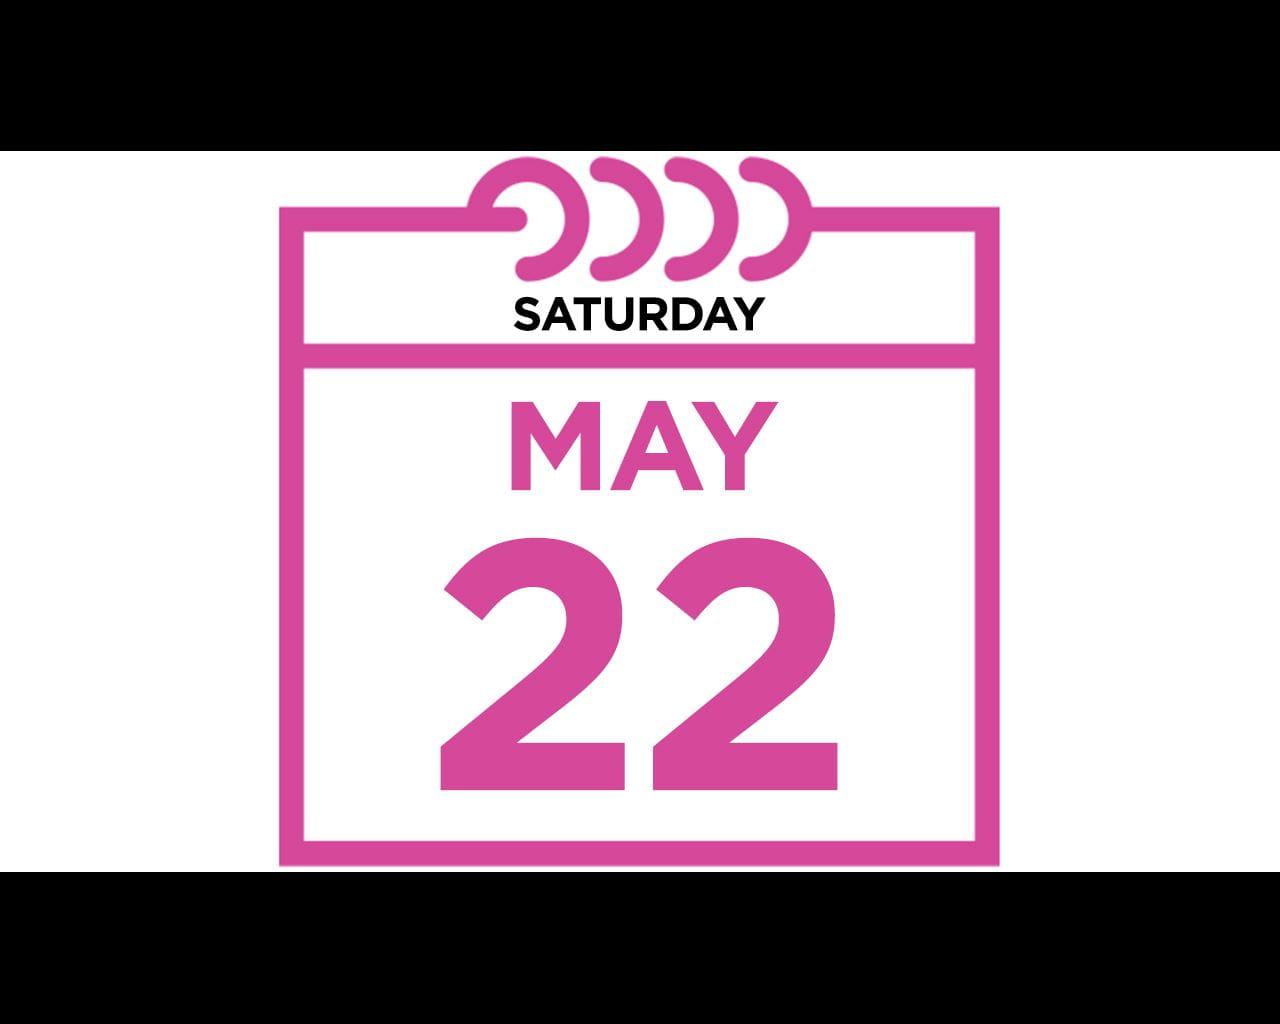 Saturday, May 22, 2021